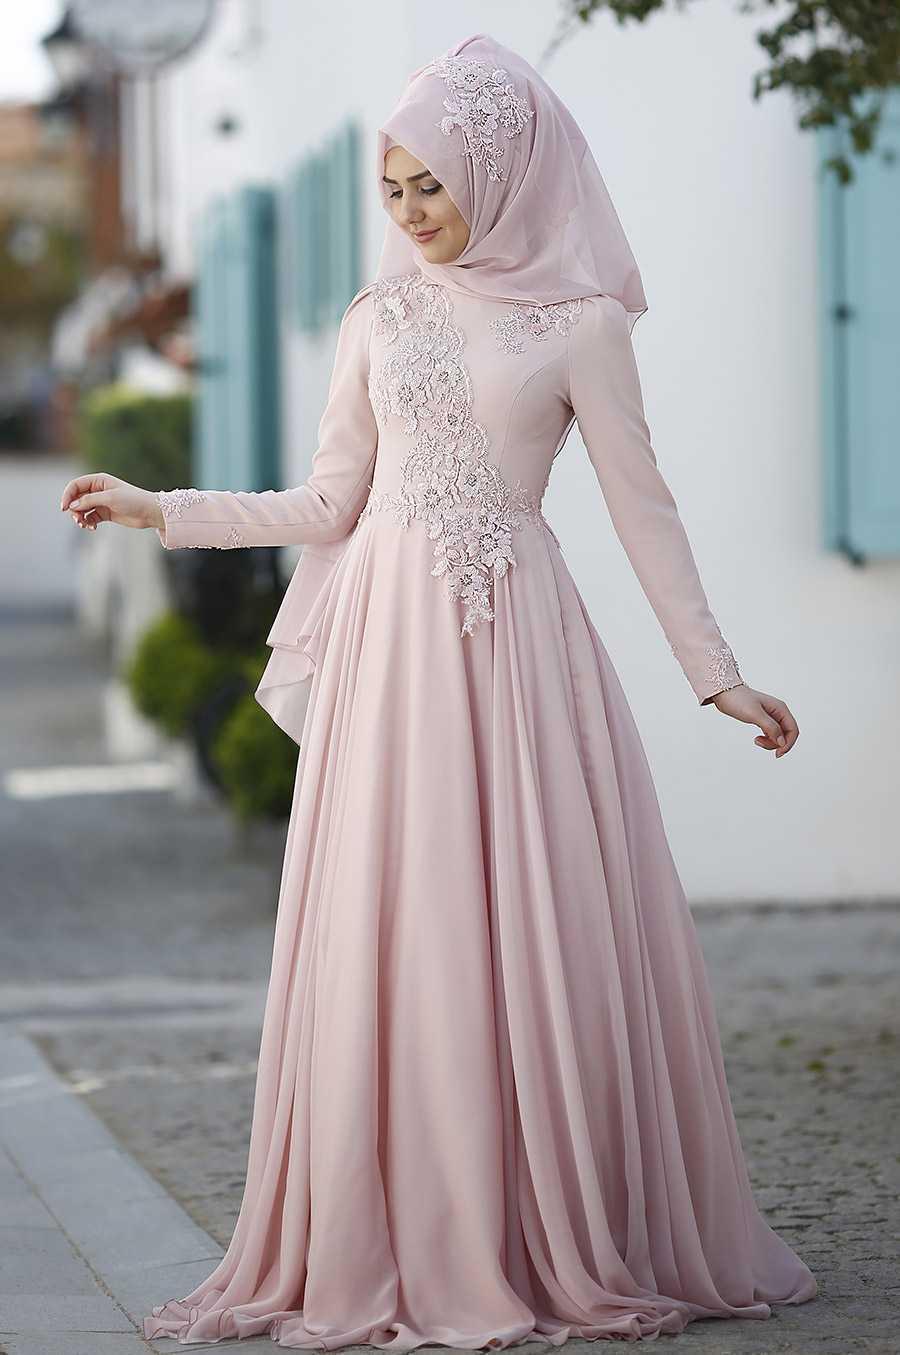 Som Fashion Tesettür Pudra Renk Abiye Modelleri